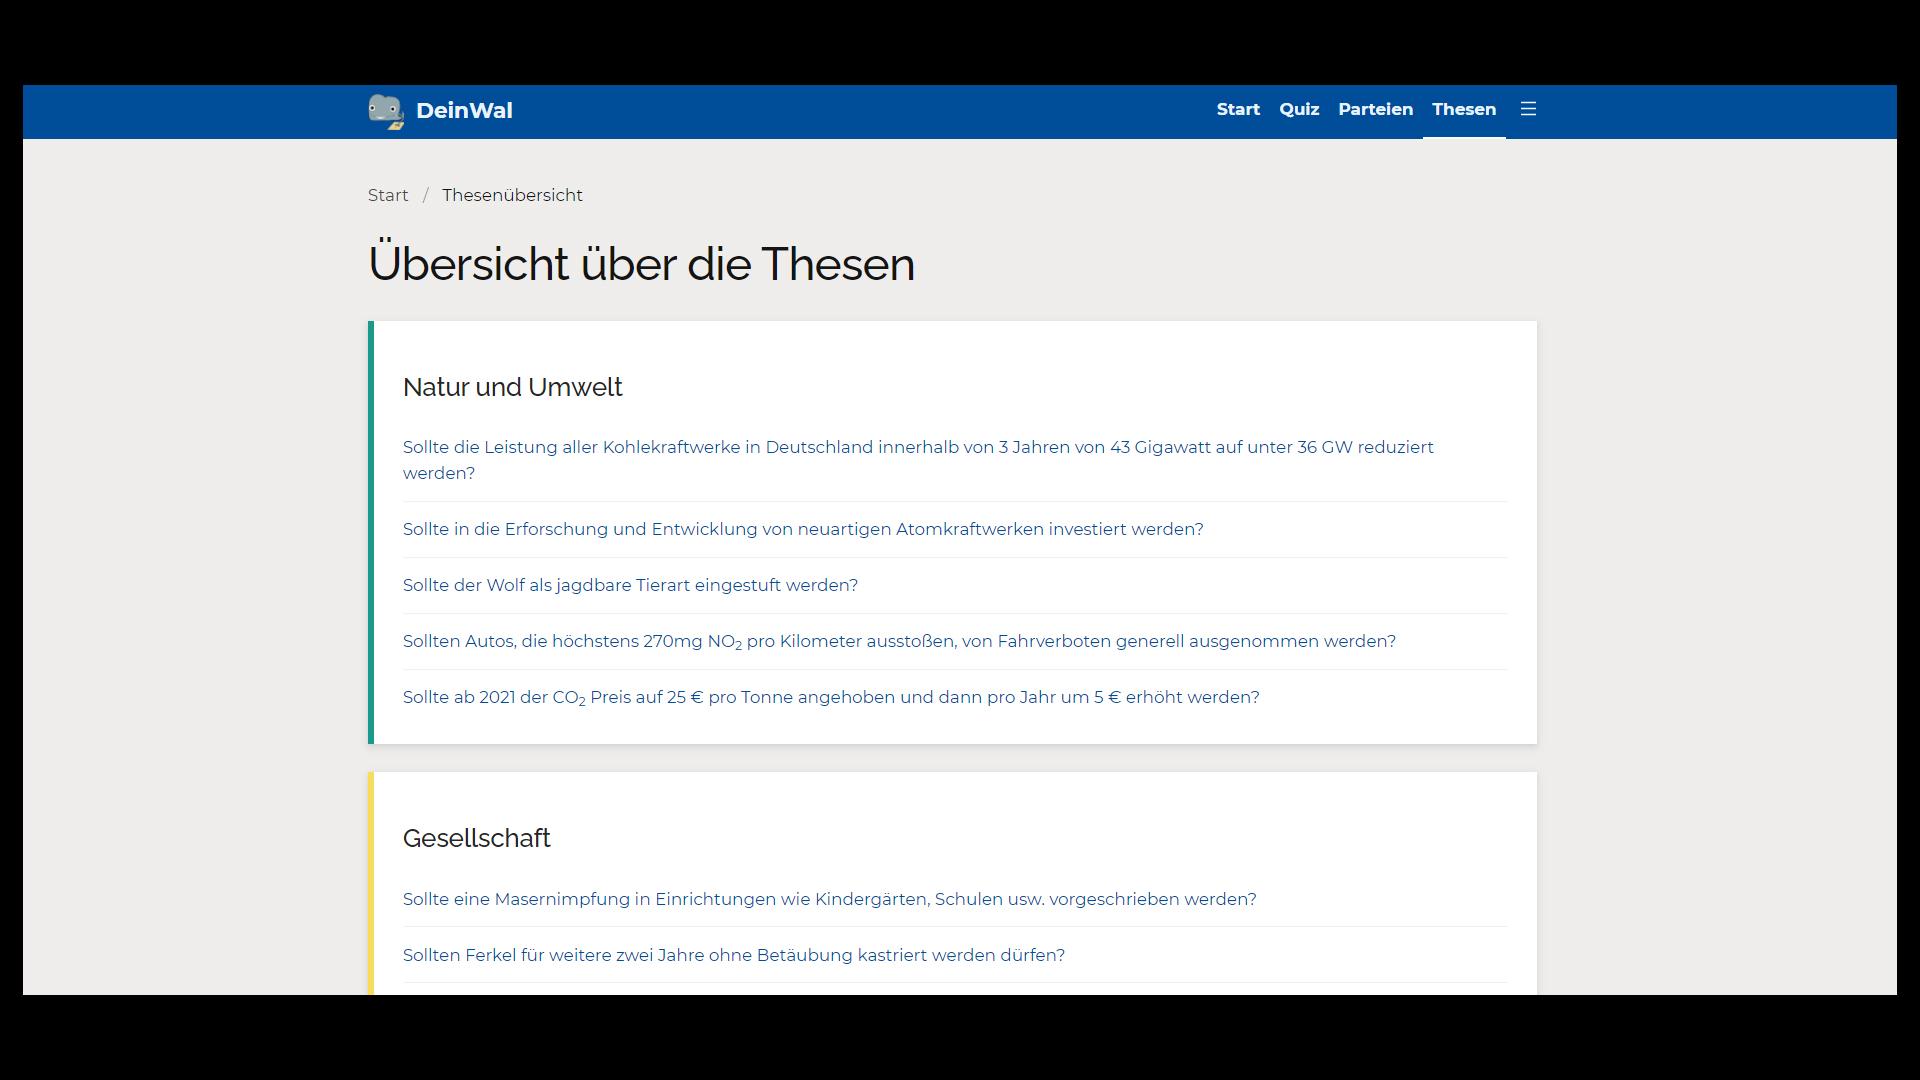 """Eine Übersicht zu allen Quiz-Fragen des Browser-Tools """"DeinWal.de"""" zur Bundestagswahl 2021."""